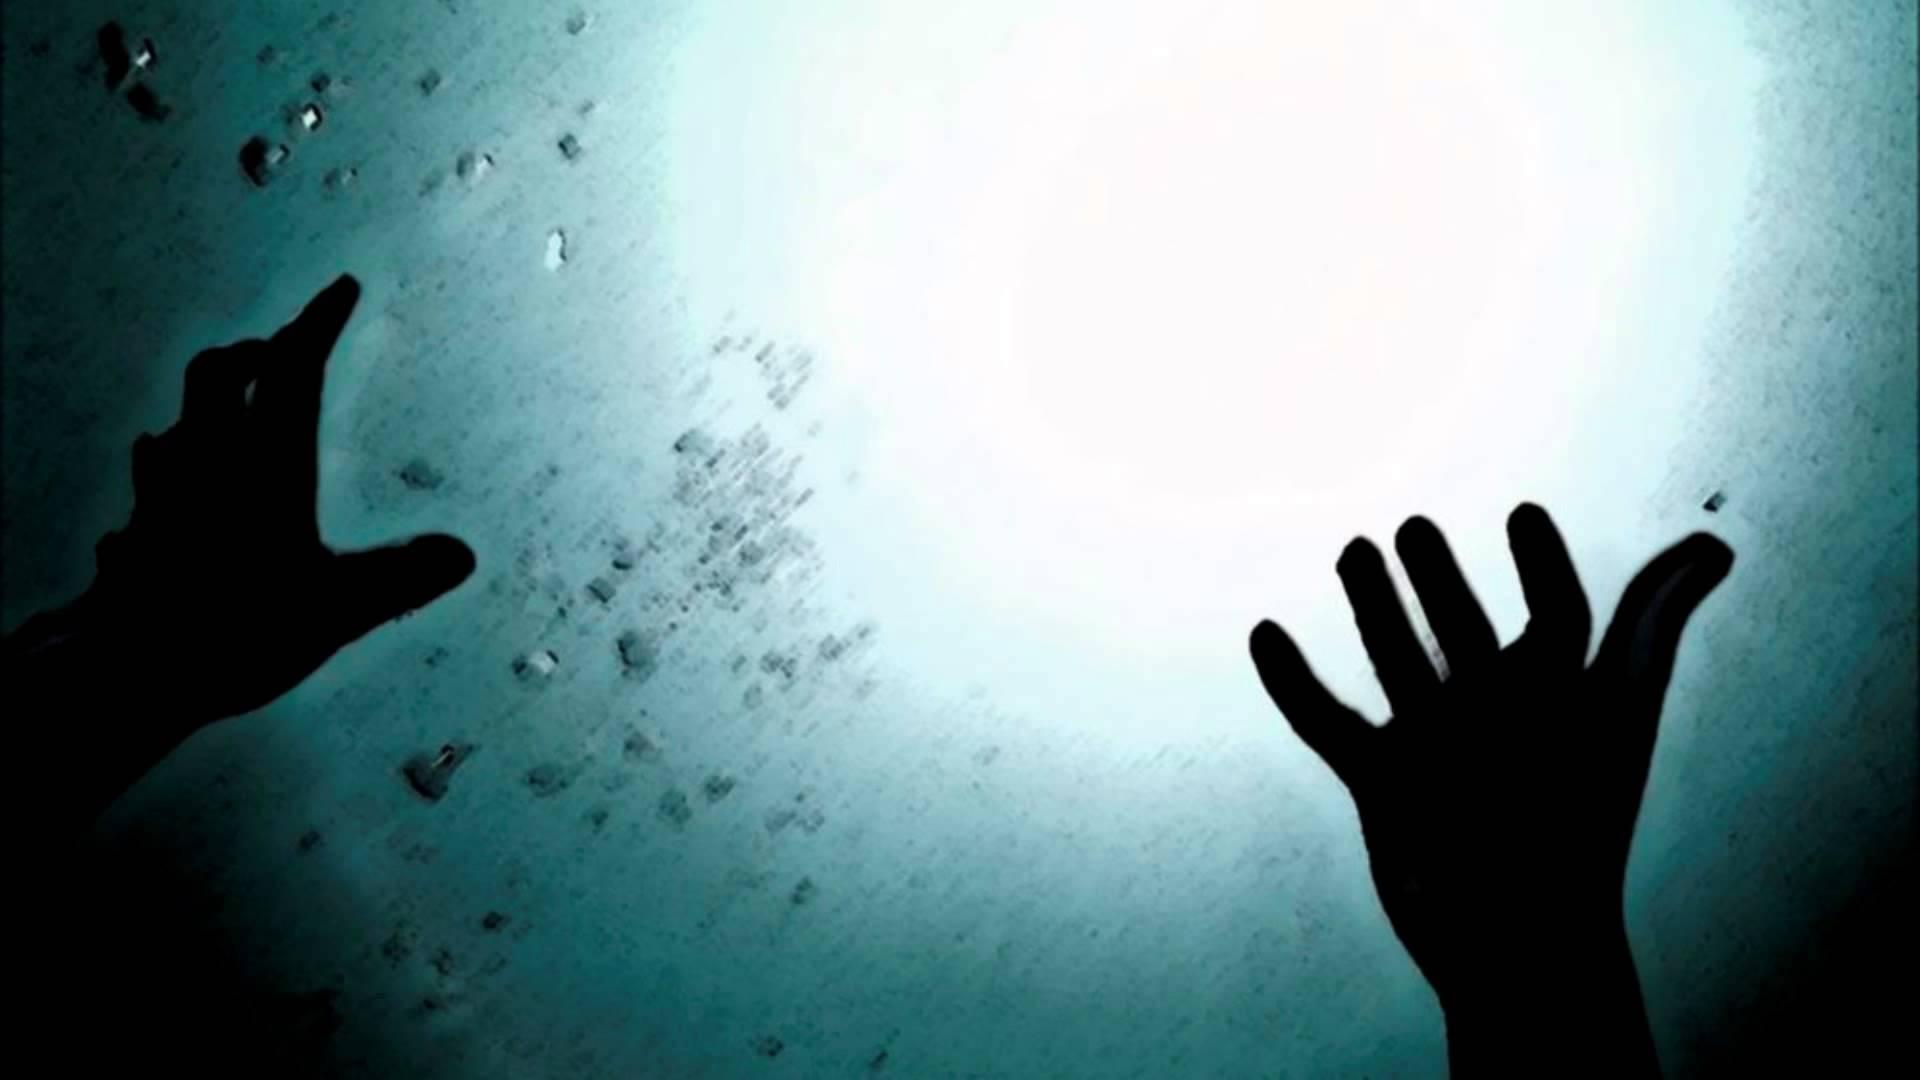 Трагедия на воде: в Крыму утонули двое мужчин